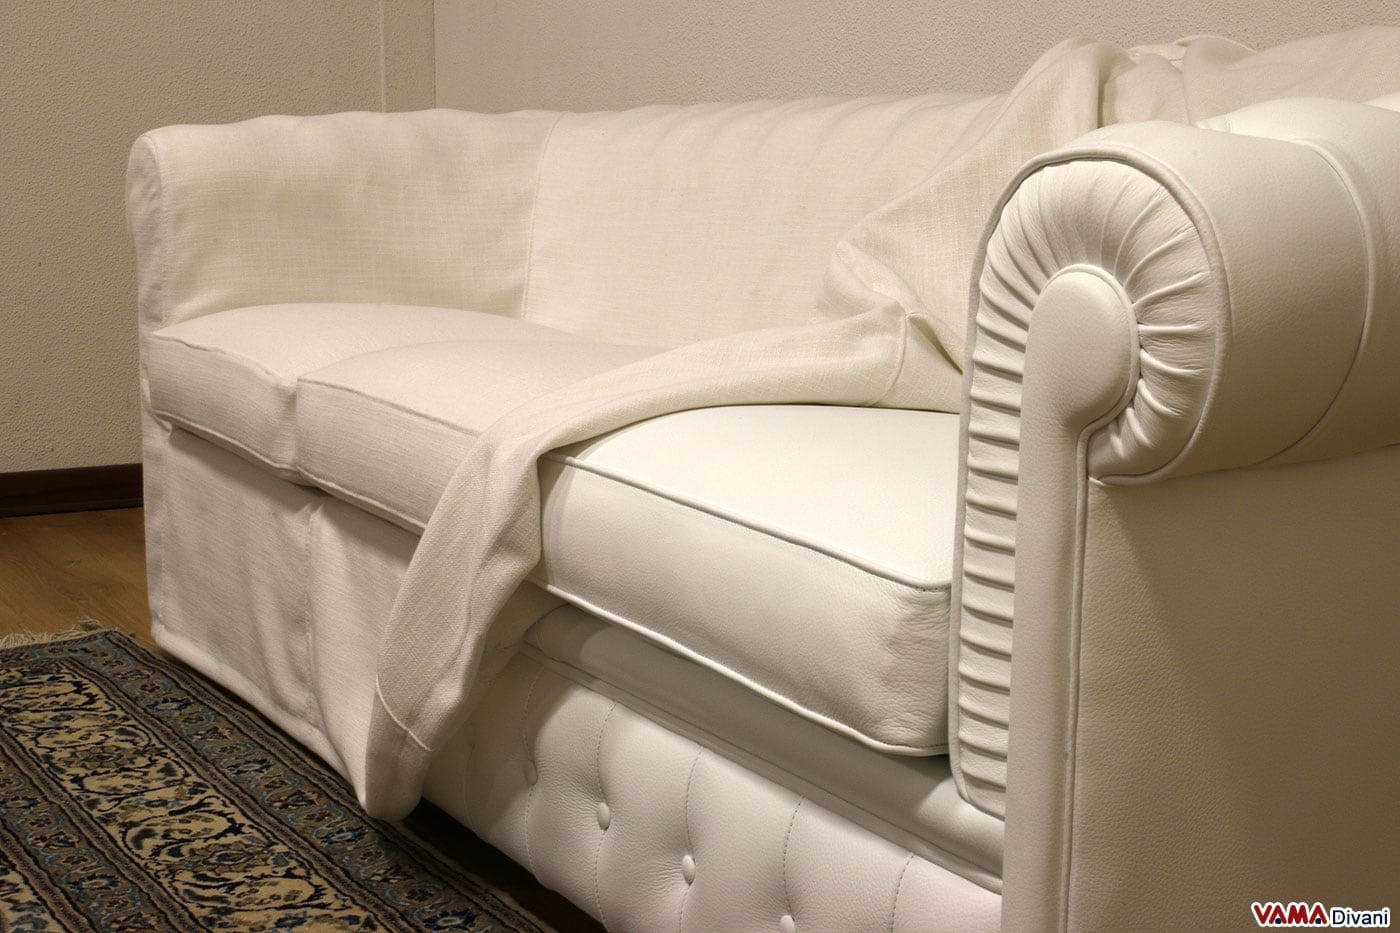 Foderare Divano Ikea : Come coprire un divano rovinato idee di immagini casamia